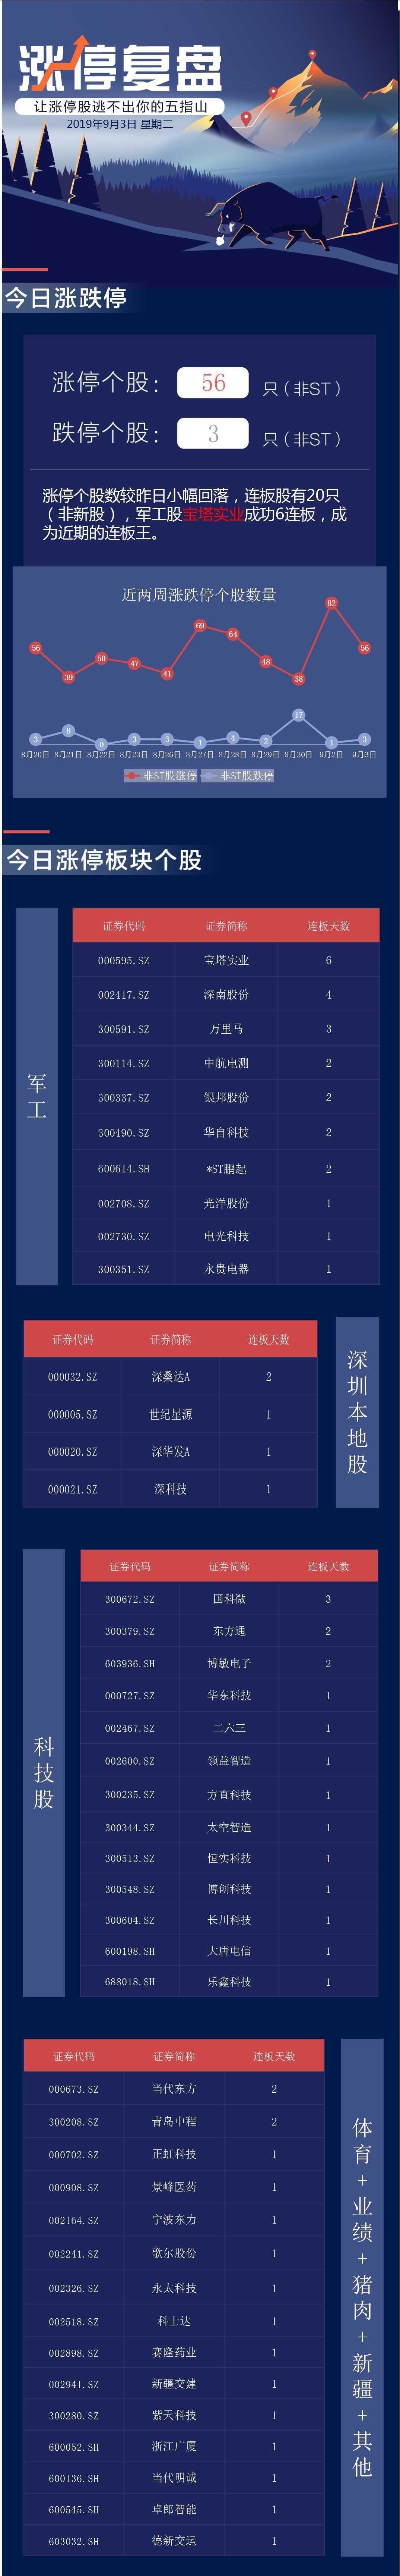 """「晨星网」图解:三大股指集体收涨 军工股和科技股""""涨嗨了"""""""